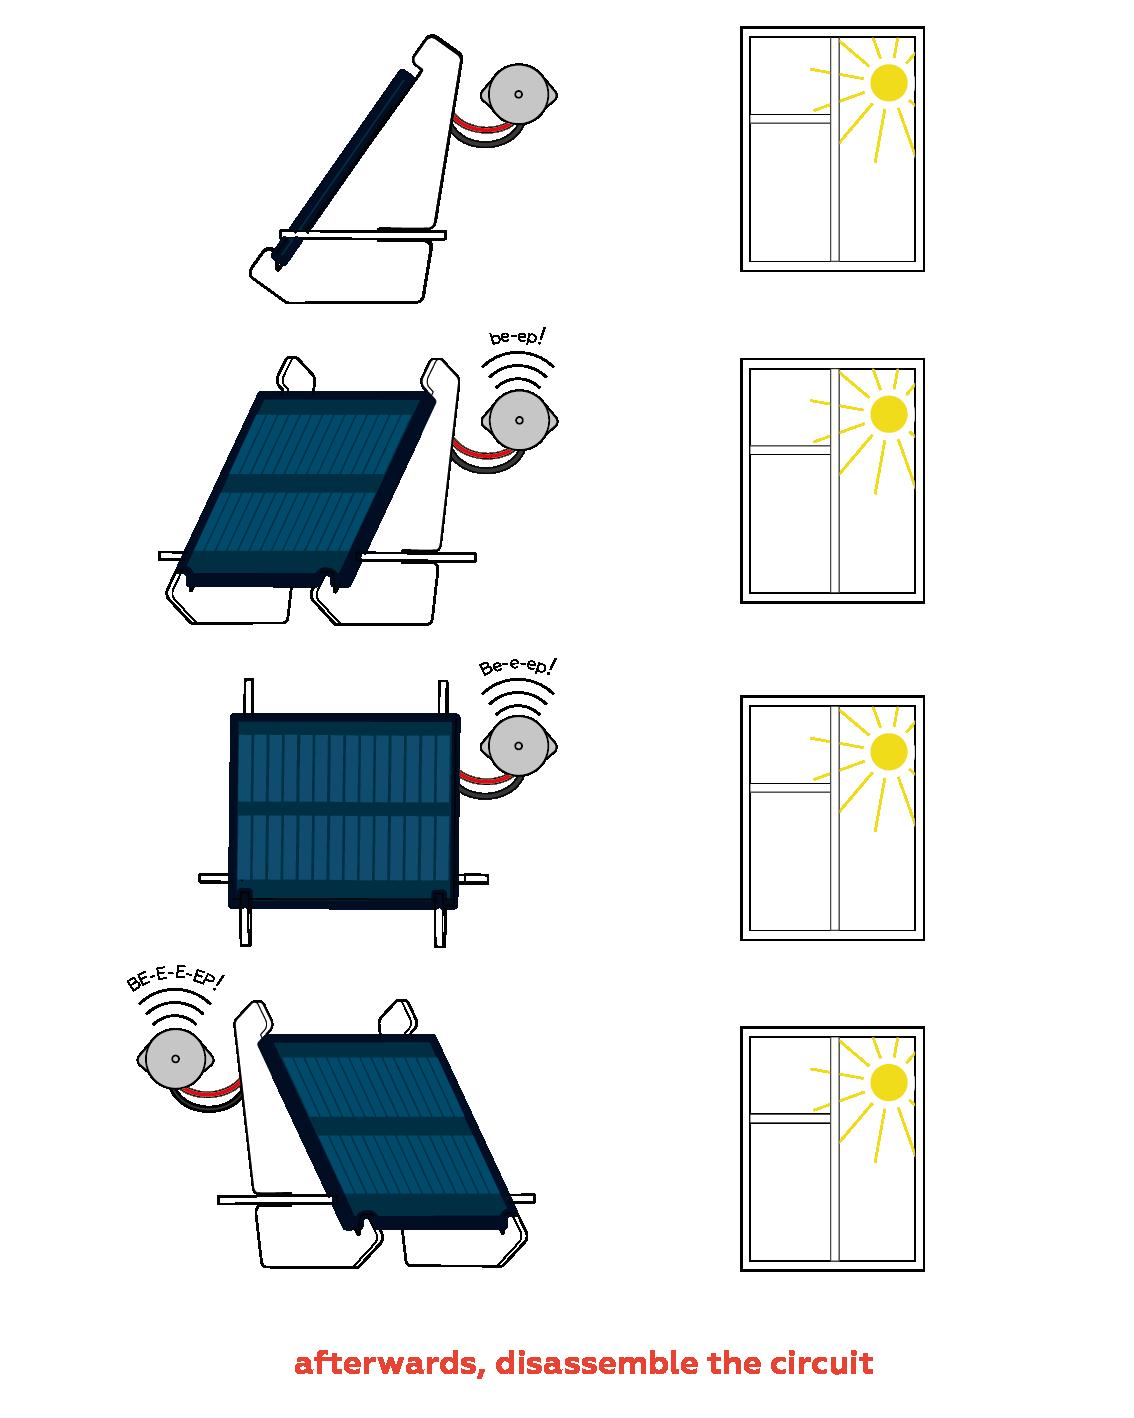 physics-alternative-energy_2-solar_en_iks-s_06